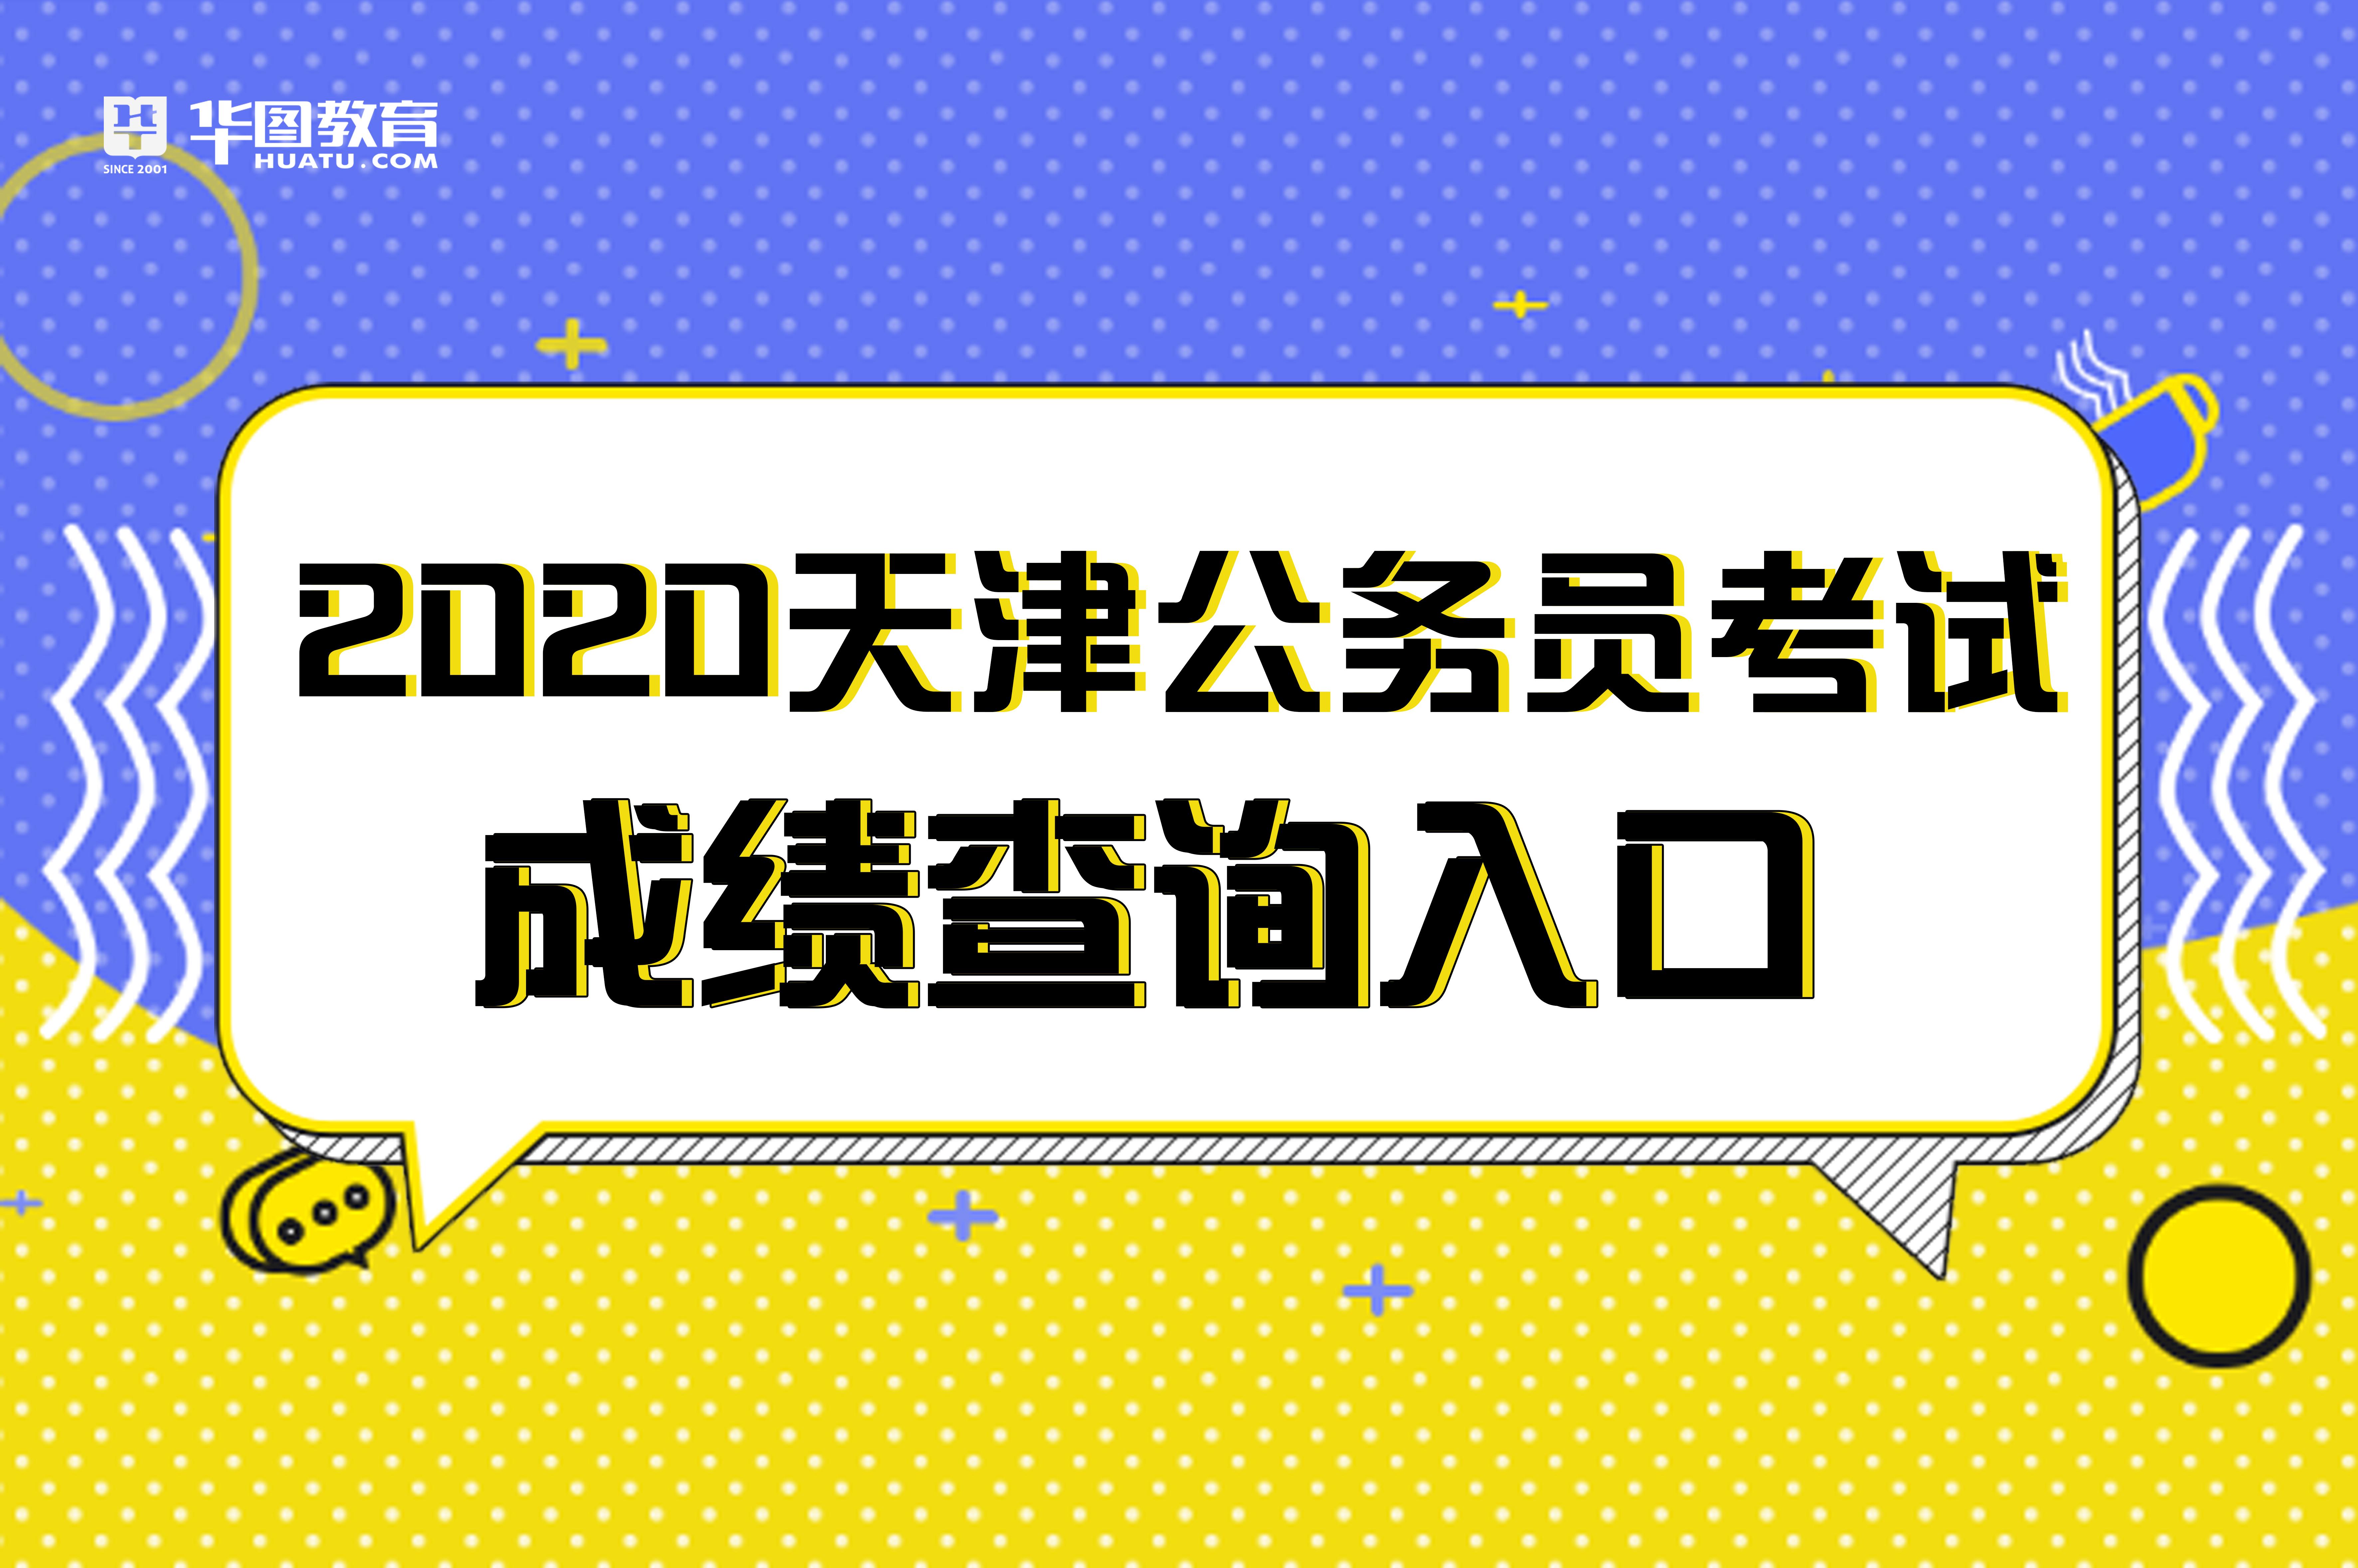 天津公务员考试网:天津公务员考试成绩查询